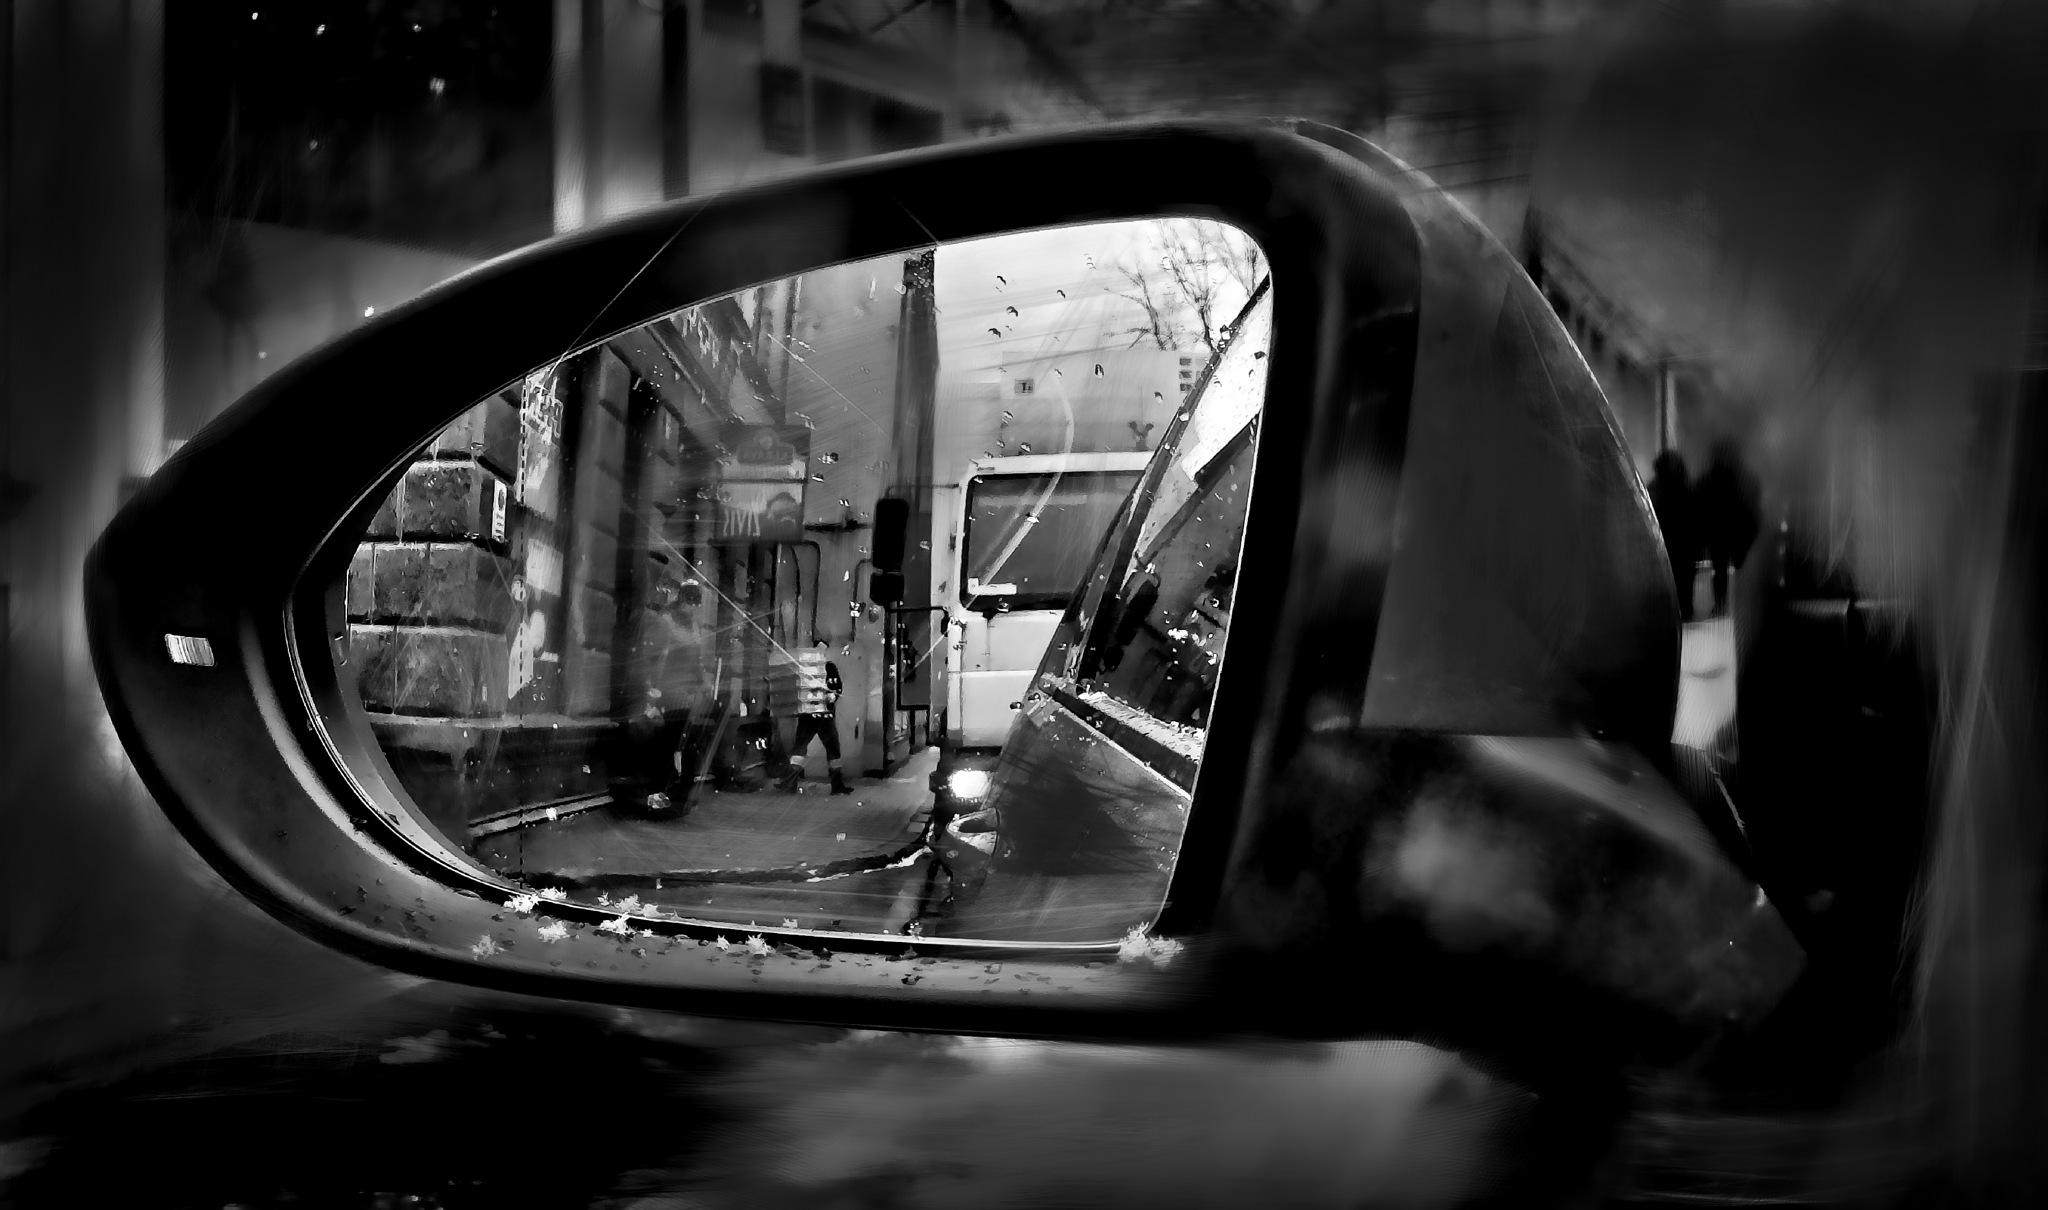 Mirror by Aleksandrs Drozdovs